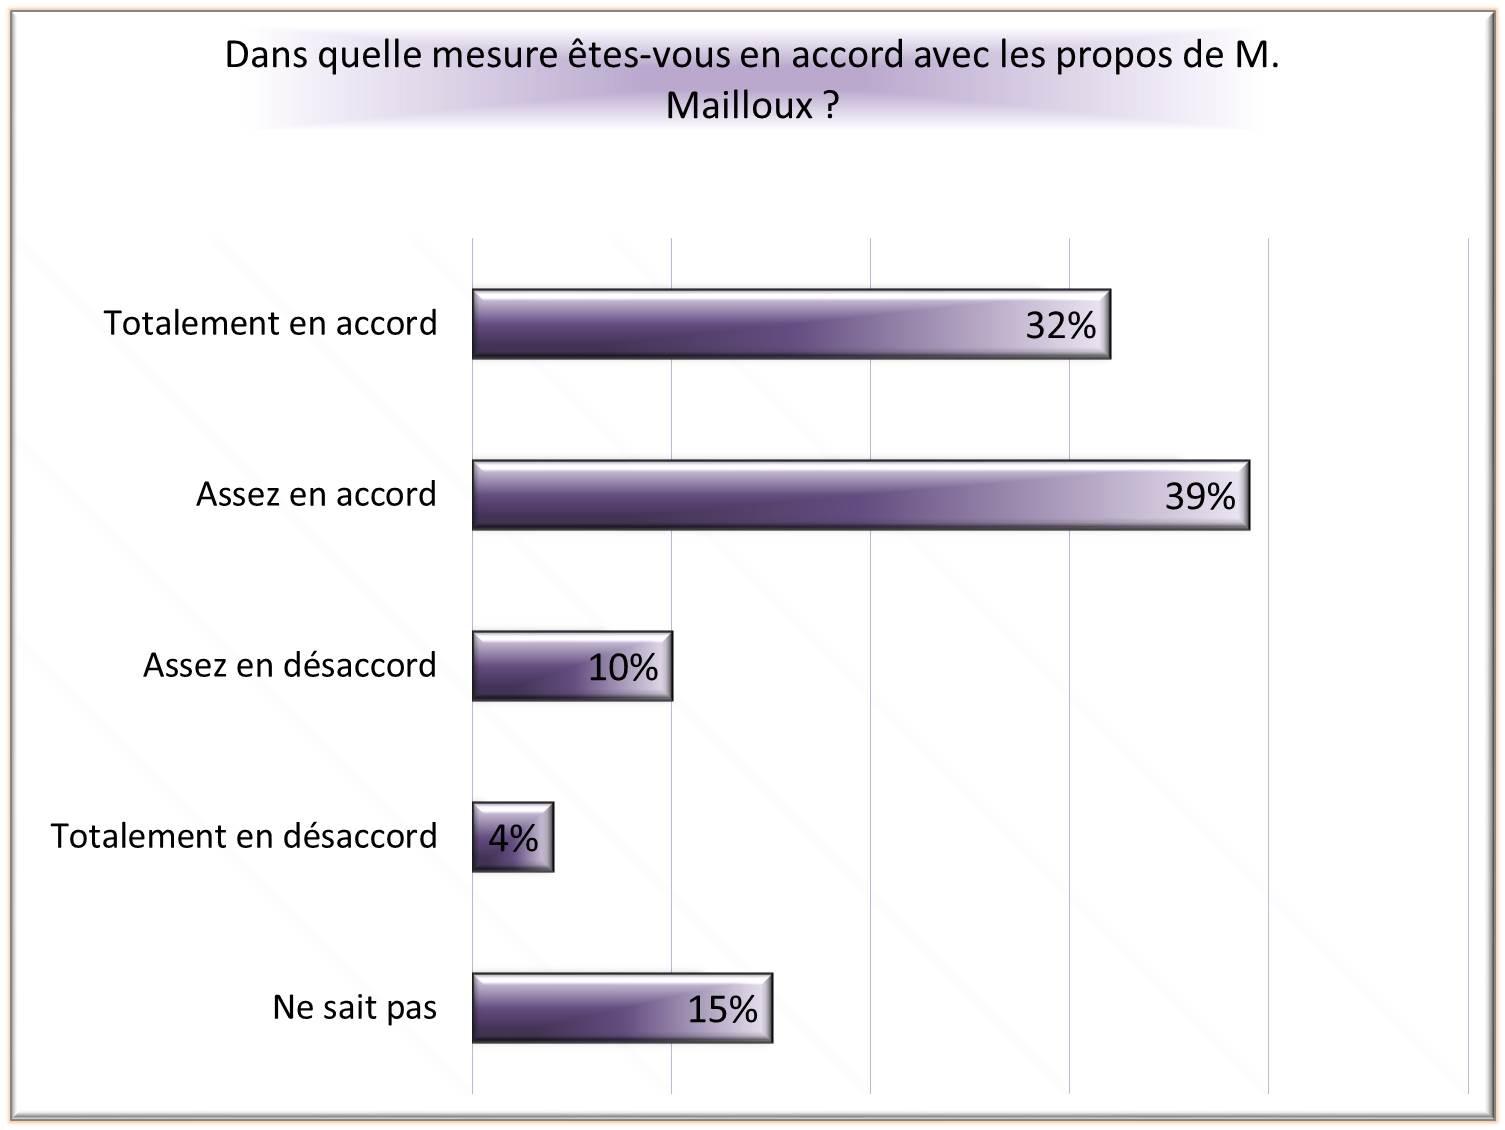 2013-09-28-pix_2013_septembre_23_Huffington_Post_Quebec_Toute_la_verite_sur_les_vins_vendus_dans_les_epiceries_et_les_depanneurs_4.jpg